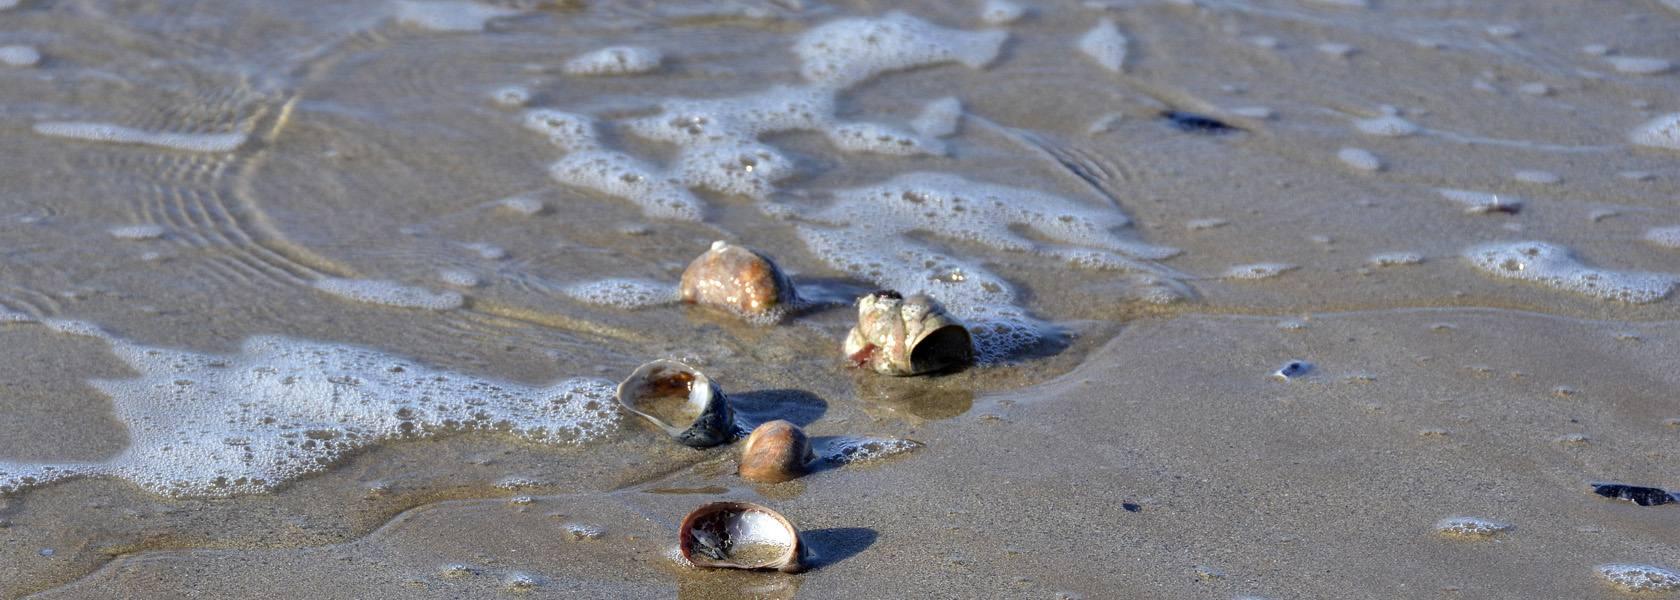 Muscheln im Watt, © Beate Ulich